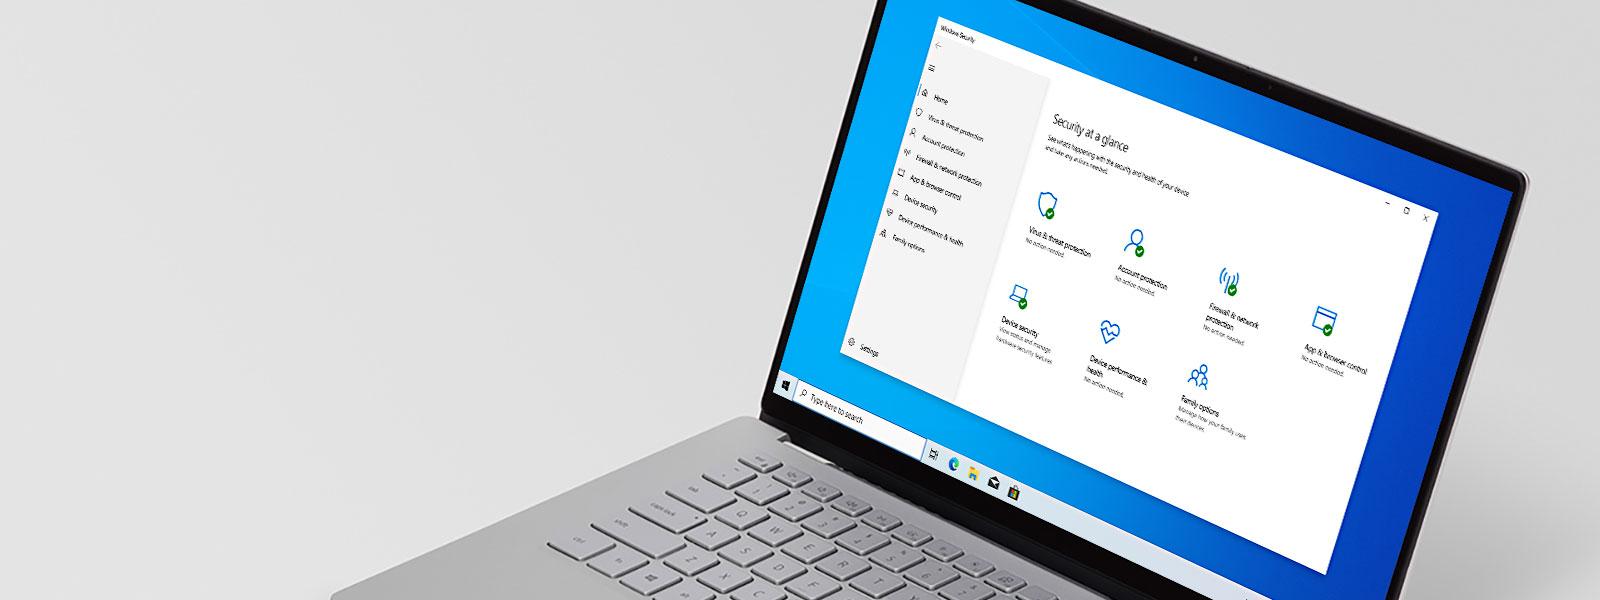 Laptop z systemem Windows 10 z wyświetlonym oknem programu antywirusowego Microsoft Defender